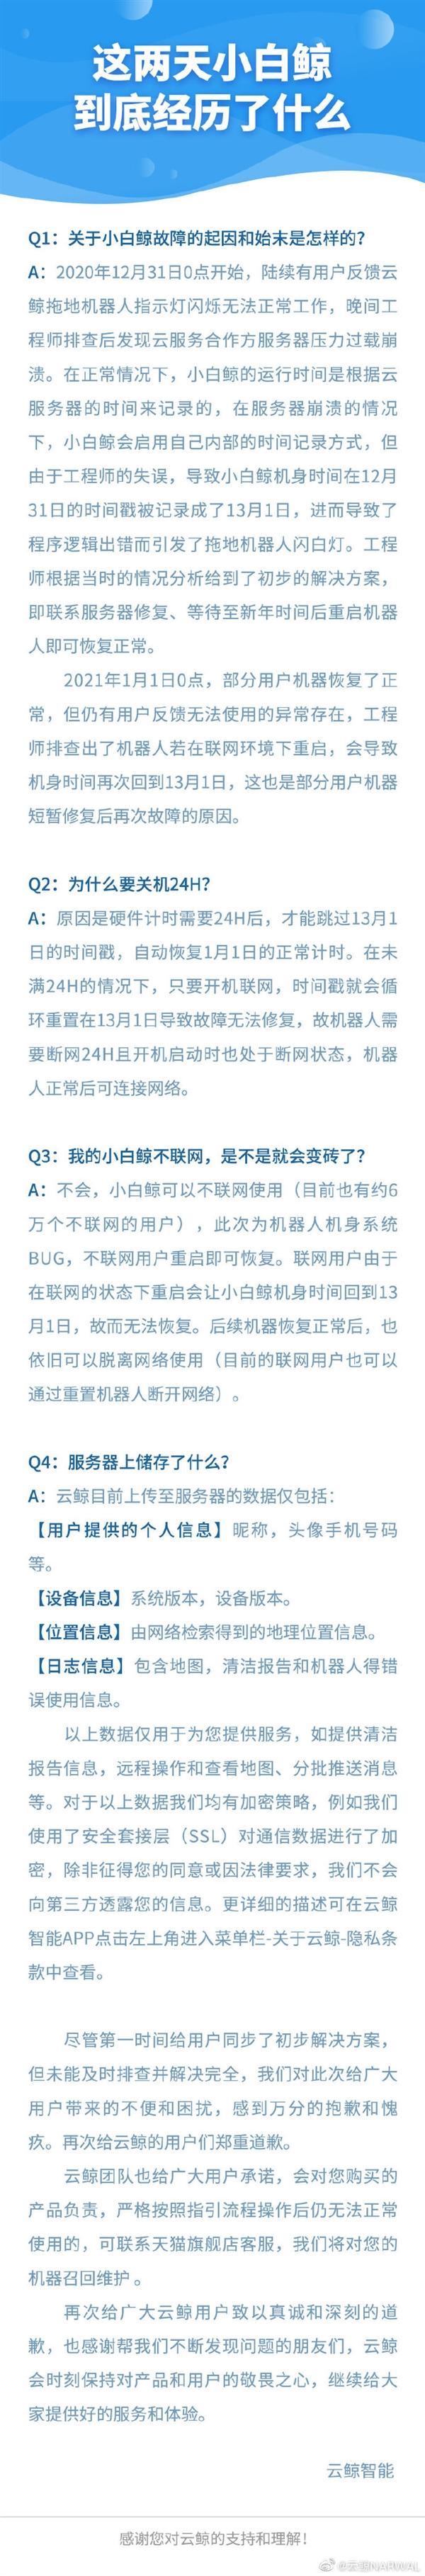 """程序员写出13月1日BUG 云鲸扫地机""""变砖"""" 官方回应"""